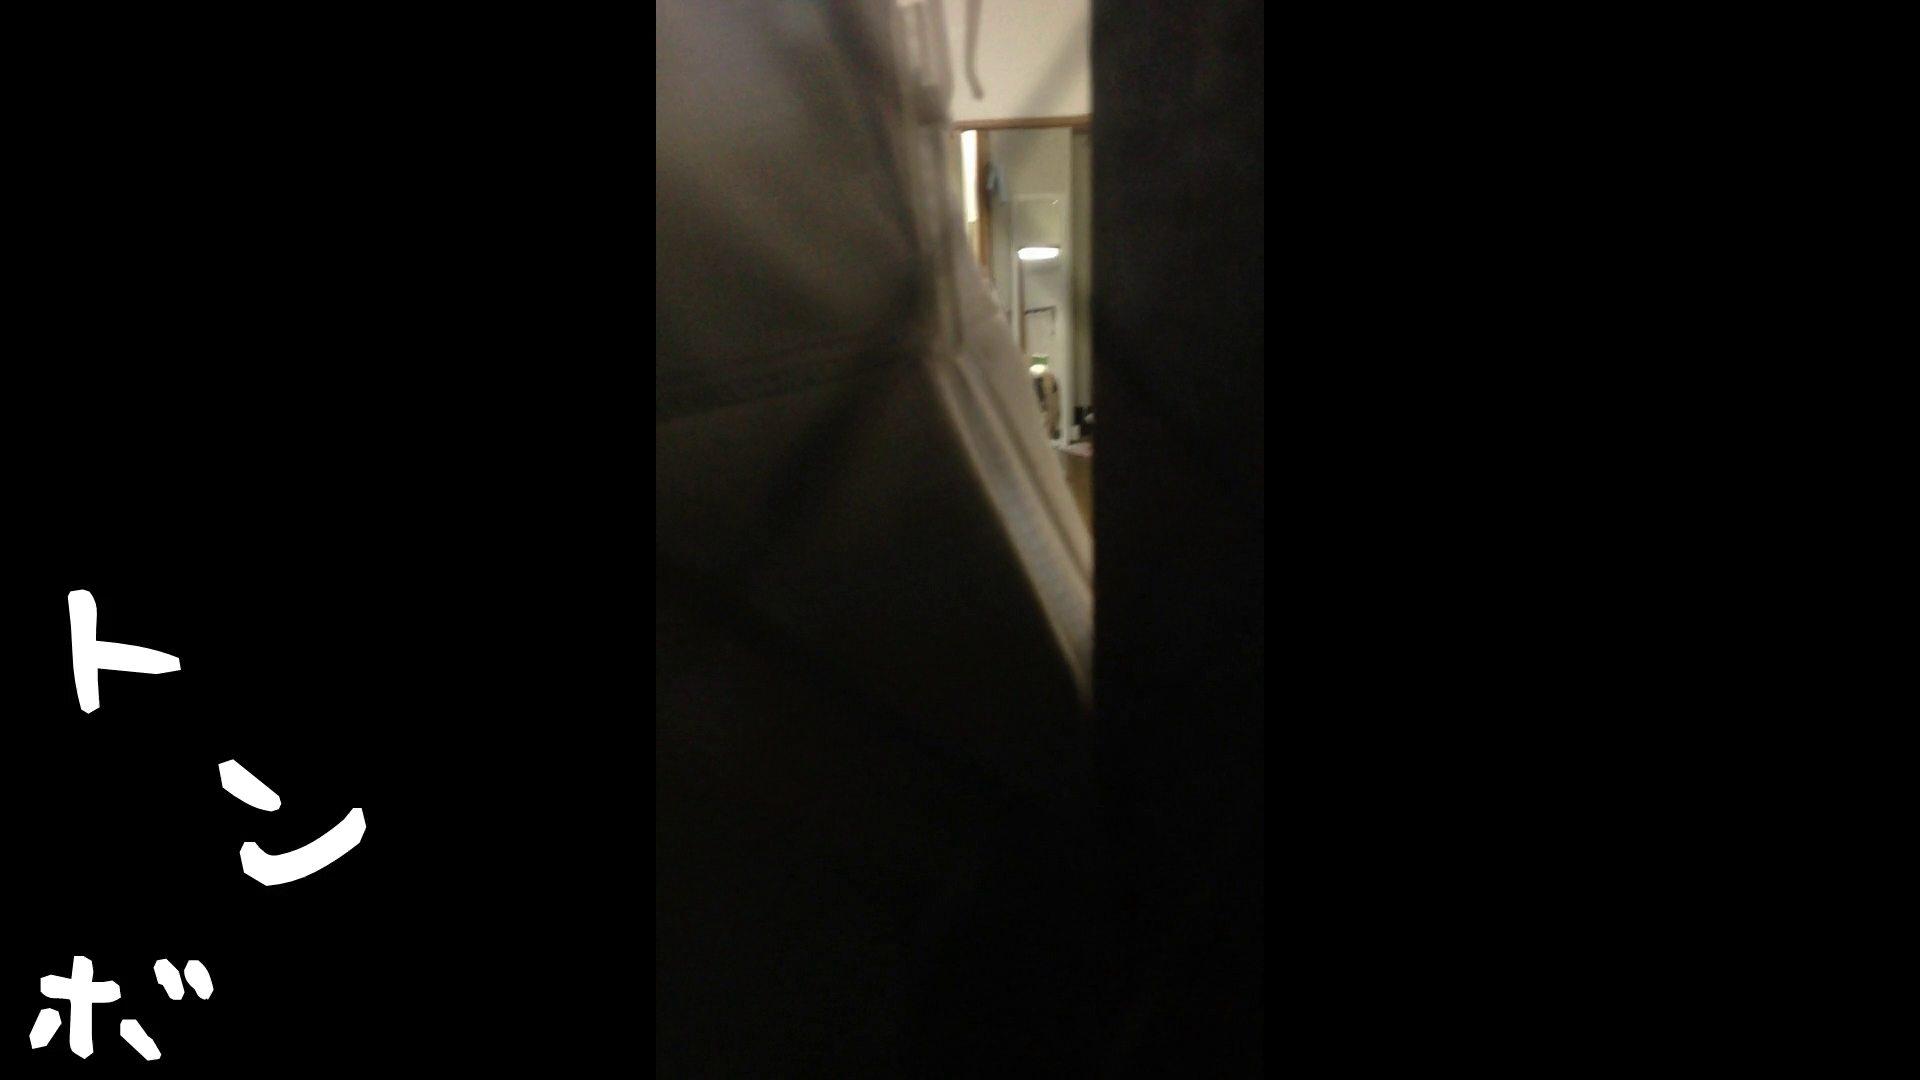 【リアル盗撮】元ジュディマリのYIUKI似 某歌手丸秘ヌード 潜入エロ調査   美女達のヌード  61連発 21